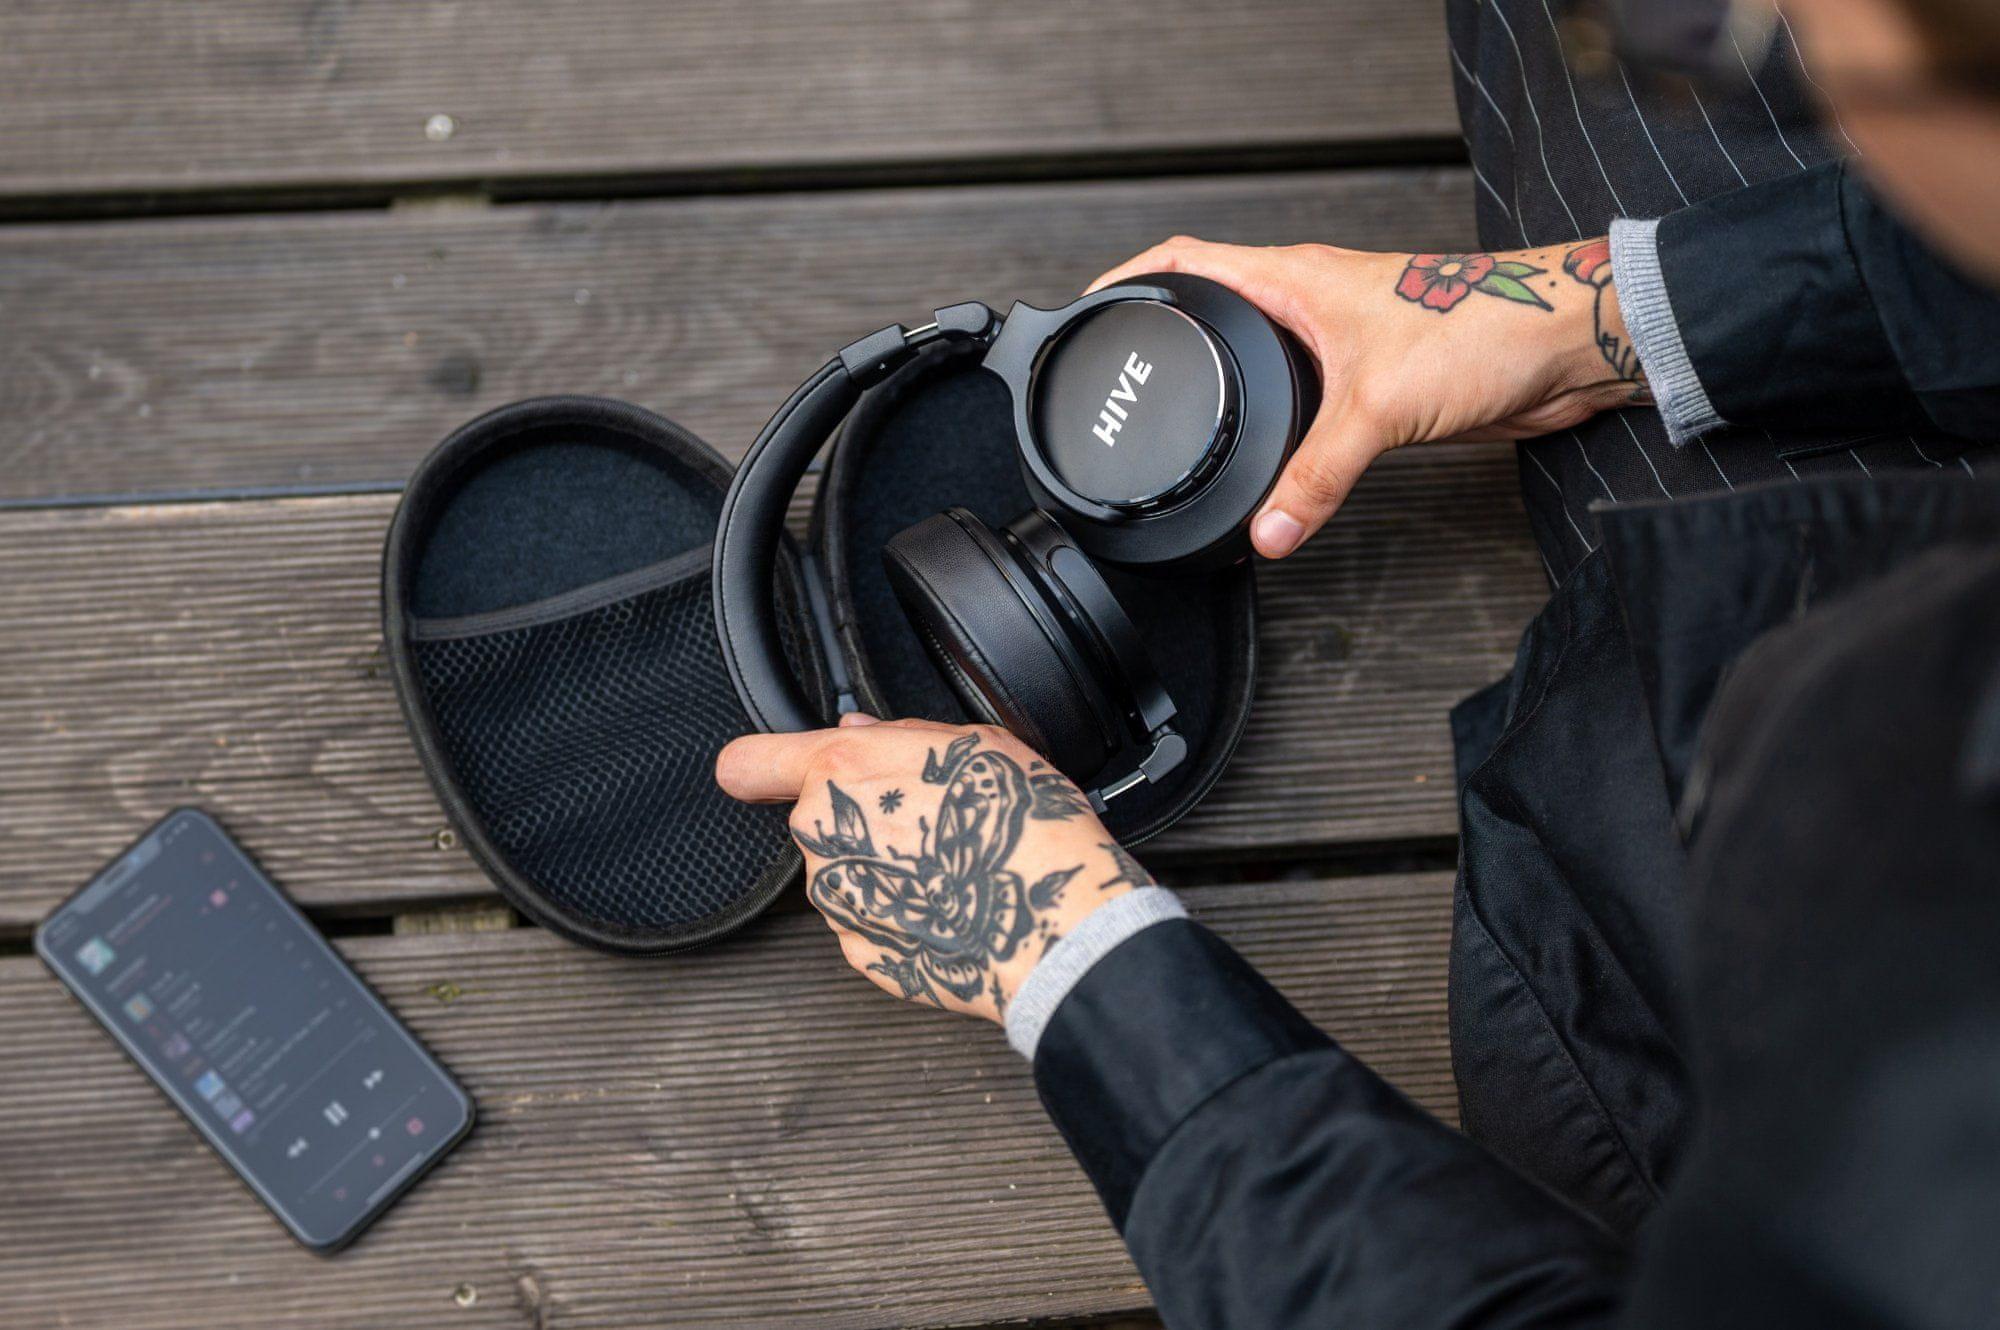 prenosne brezžične slušalke niceboy hive 3 aura anc ancd tehnologija aktivnega odpravljanja šuma 50 ur trajanja baterije hitro polnjenje zložljiv mehki letalski adapter odličen zvok maxxbass tehnologija avdio kabel v paketu aac sbc kodeki mikrofon za prostoročno klicanje podpora glasovnemu asistentu